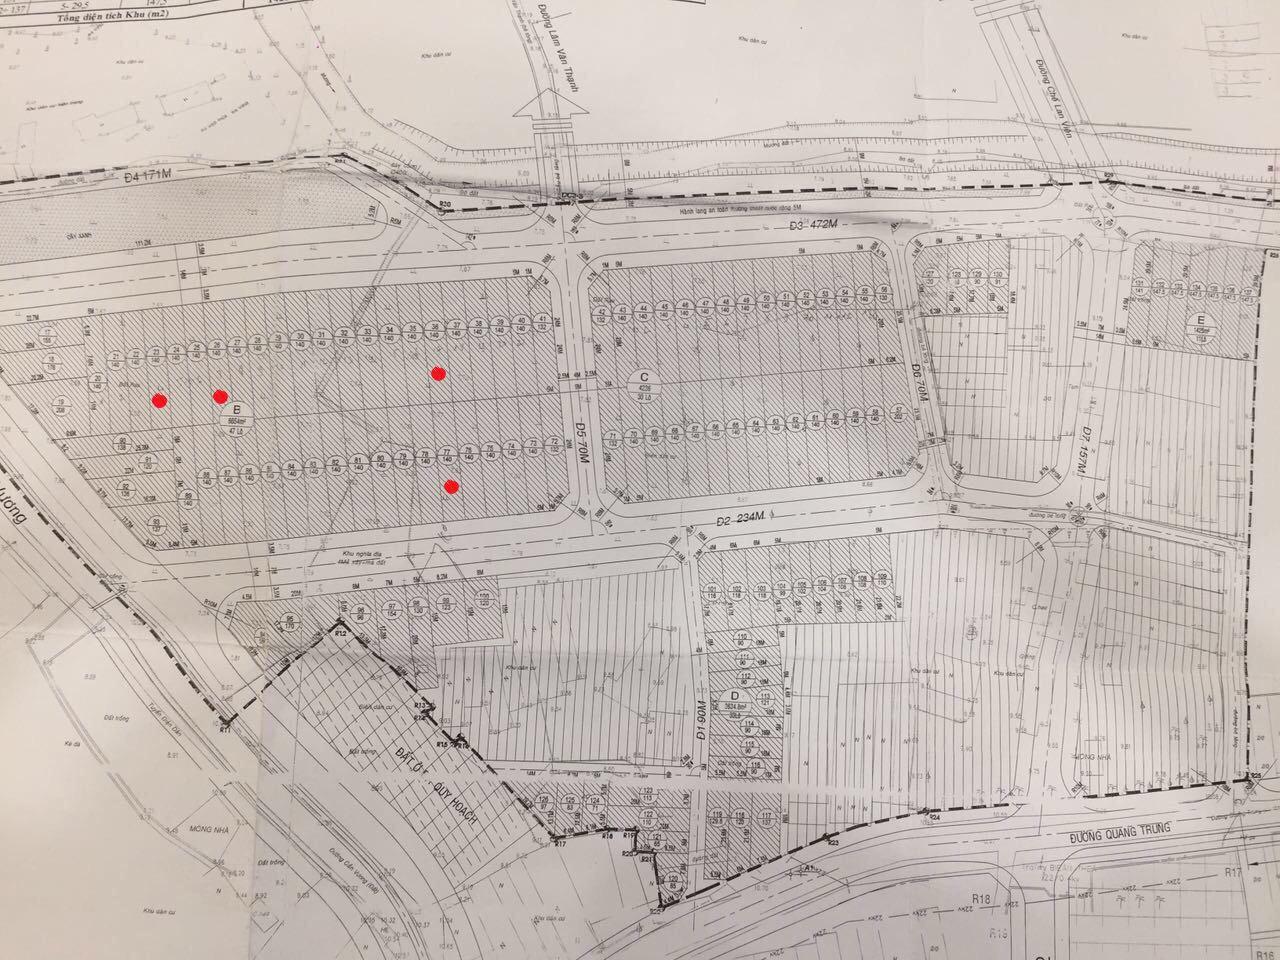 Cần tiền bán gấp đất nền sổ đỏ chính chủ KDC Kim Châu - An Nhơn...